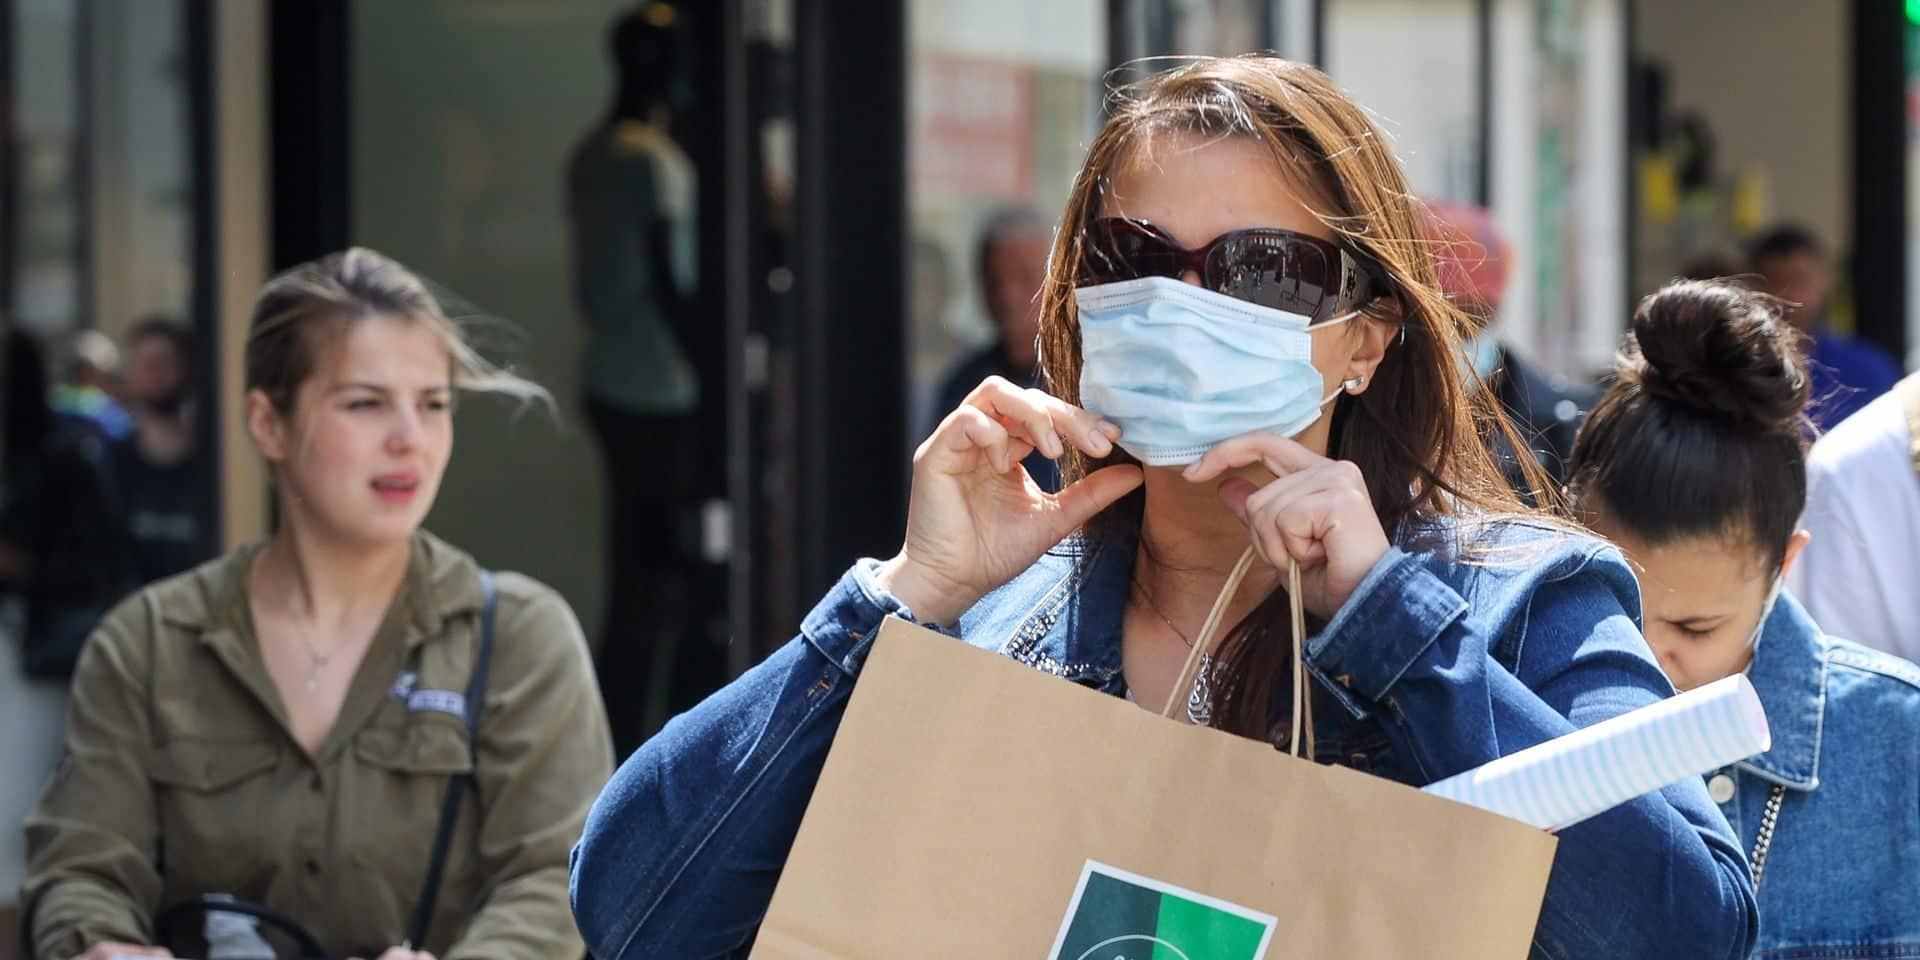 Masque obligatoire: un budget qui peut grimper jusqu'à 200 euros par mois ! (COMPARATIF)